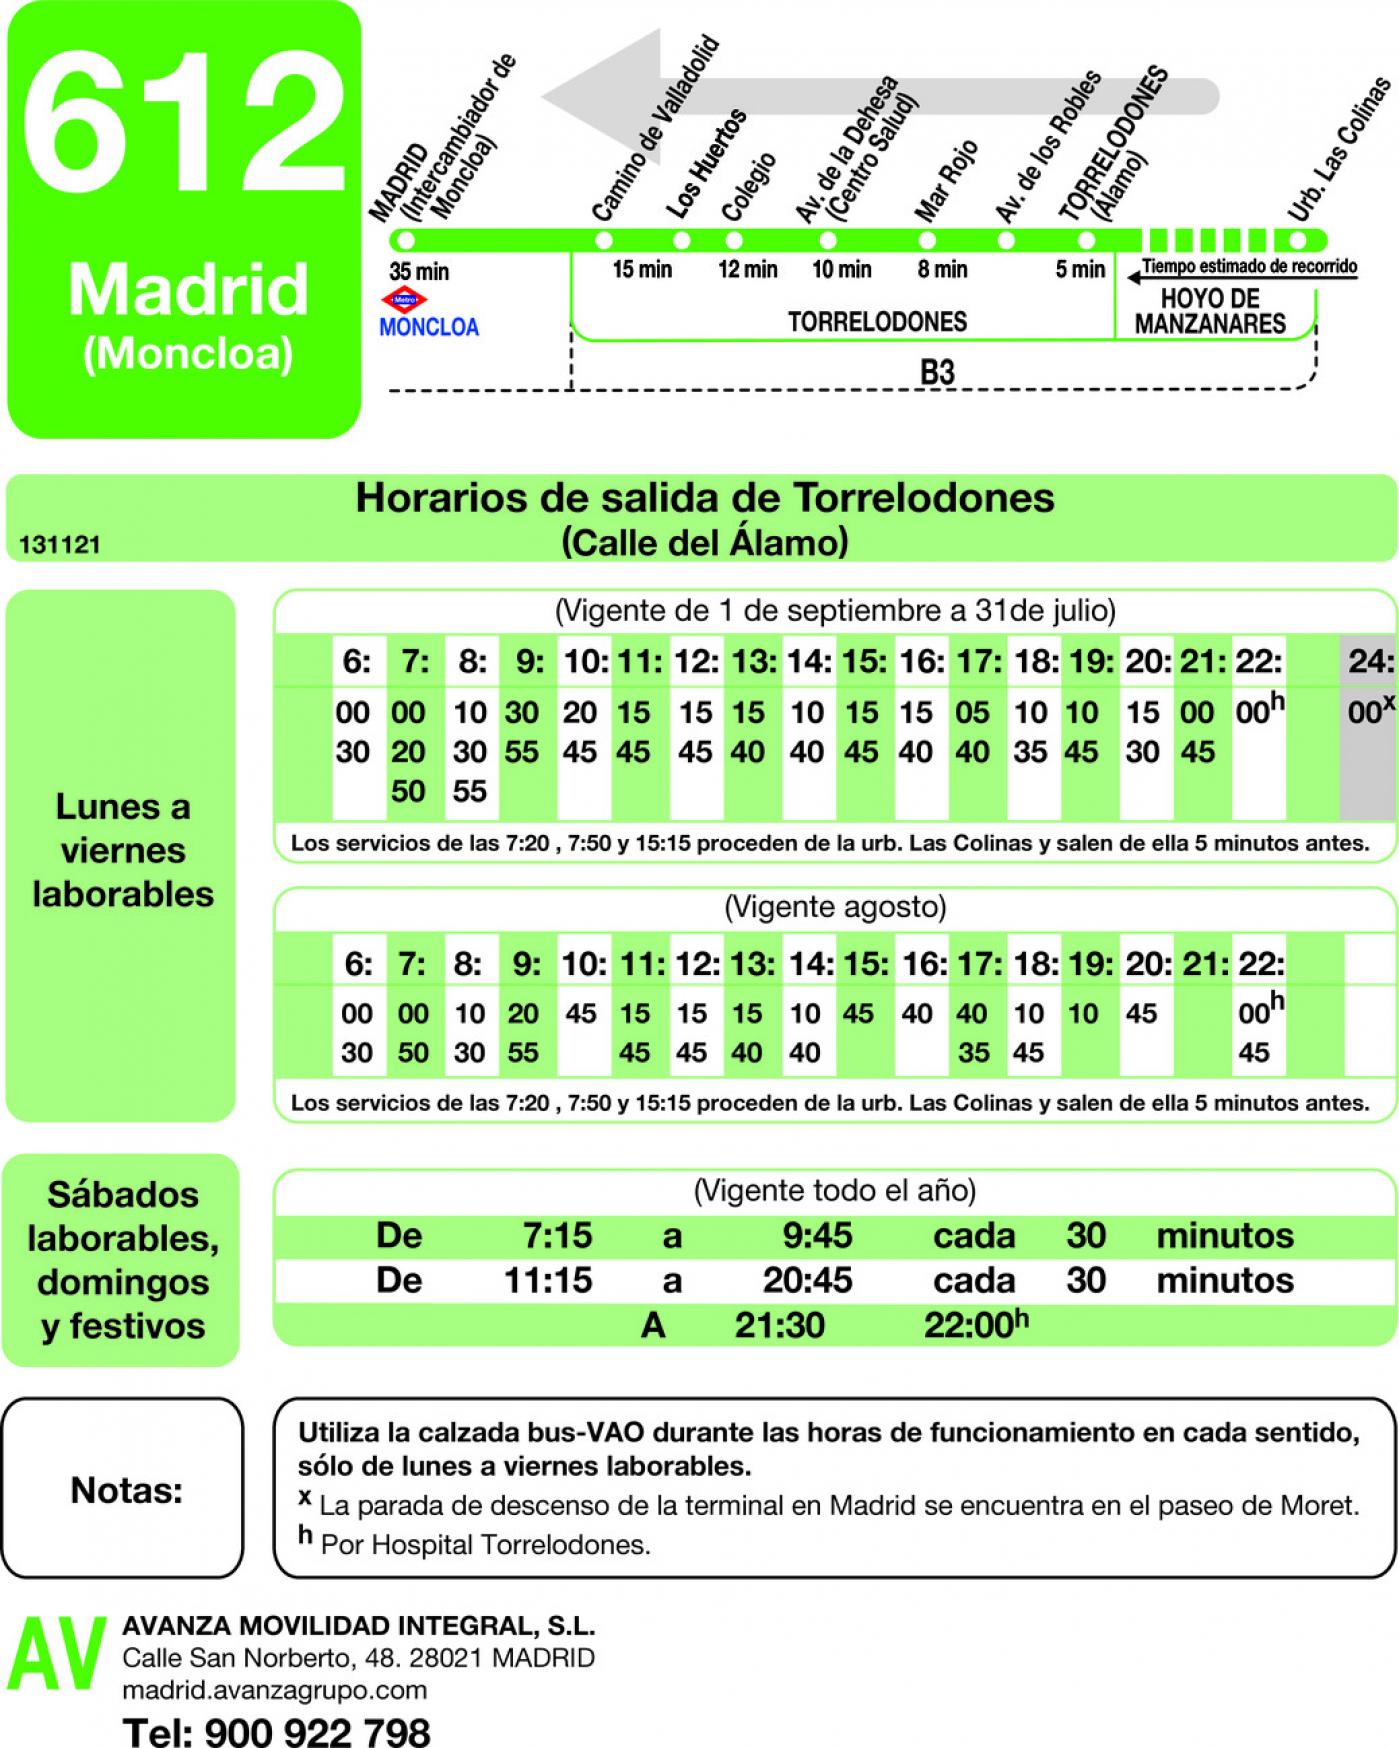 Tabla de horarios y frecuencias de paso en sentido vuelta Línea 612: Madrid (Moncloa) - Torrelodones